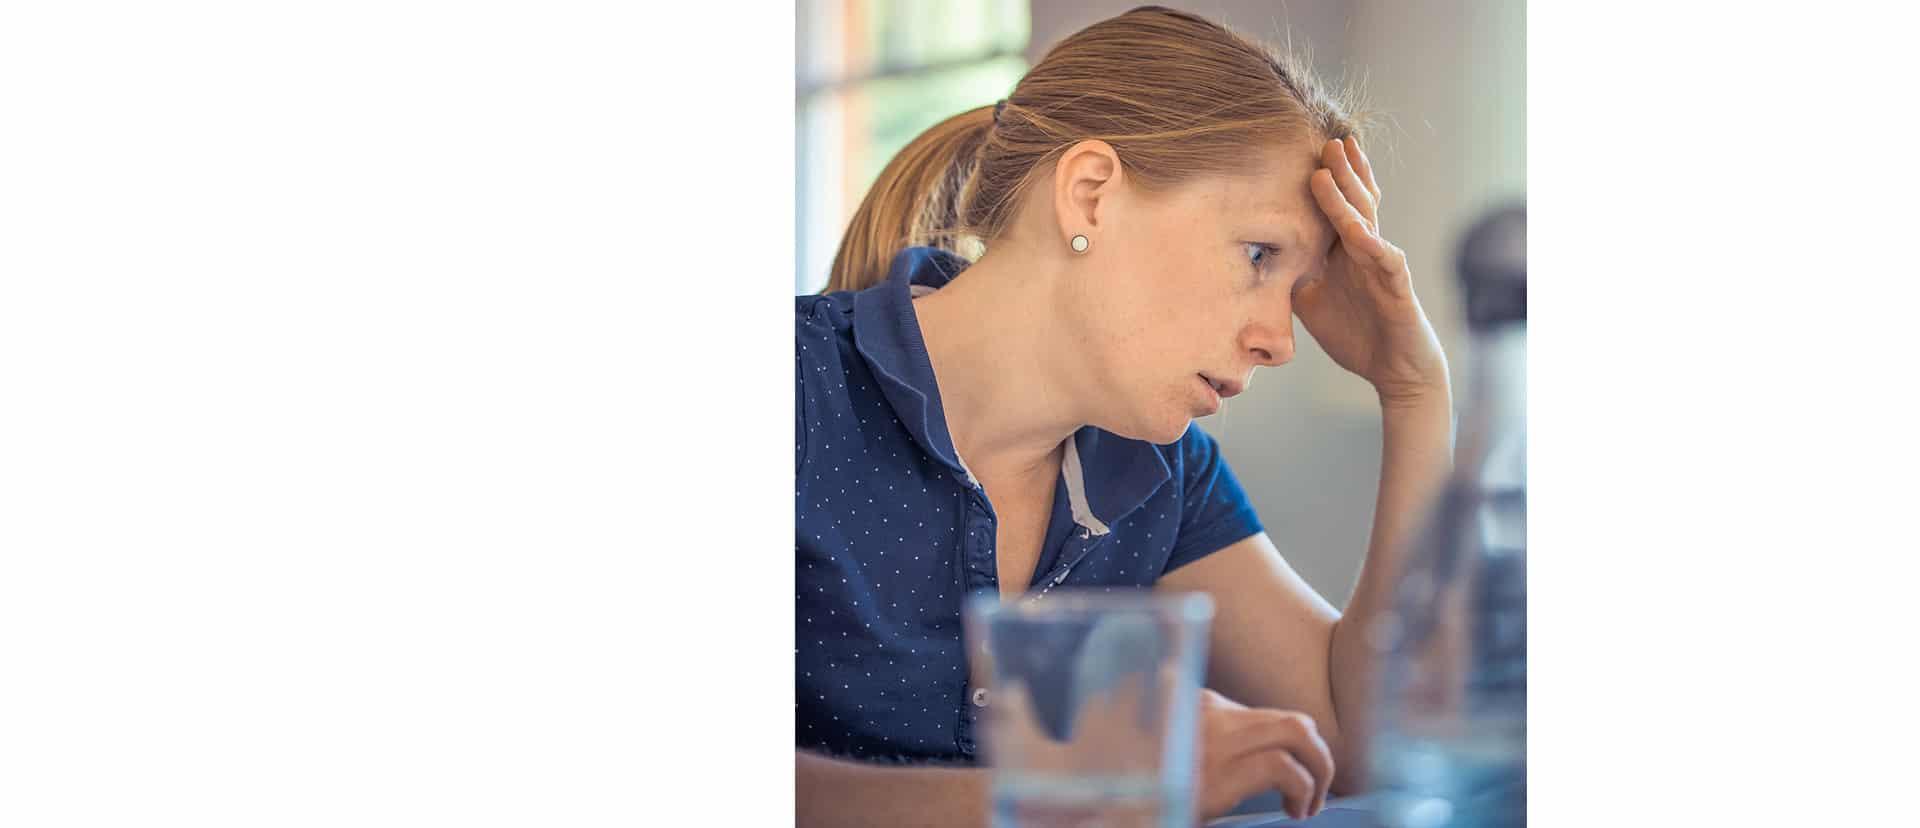 Frustrated woman mental roadblock